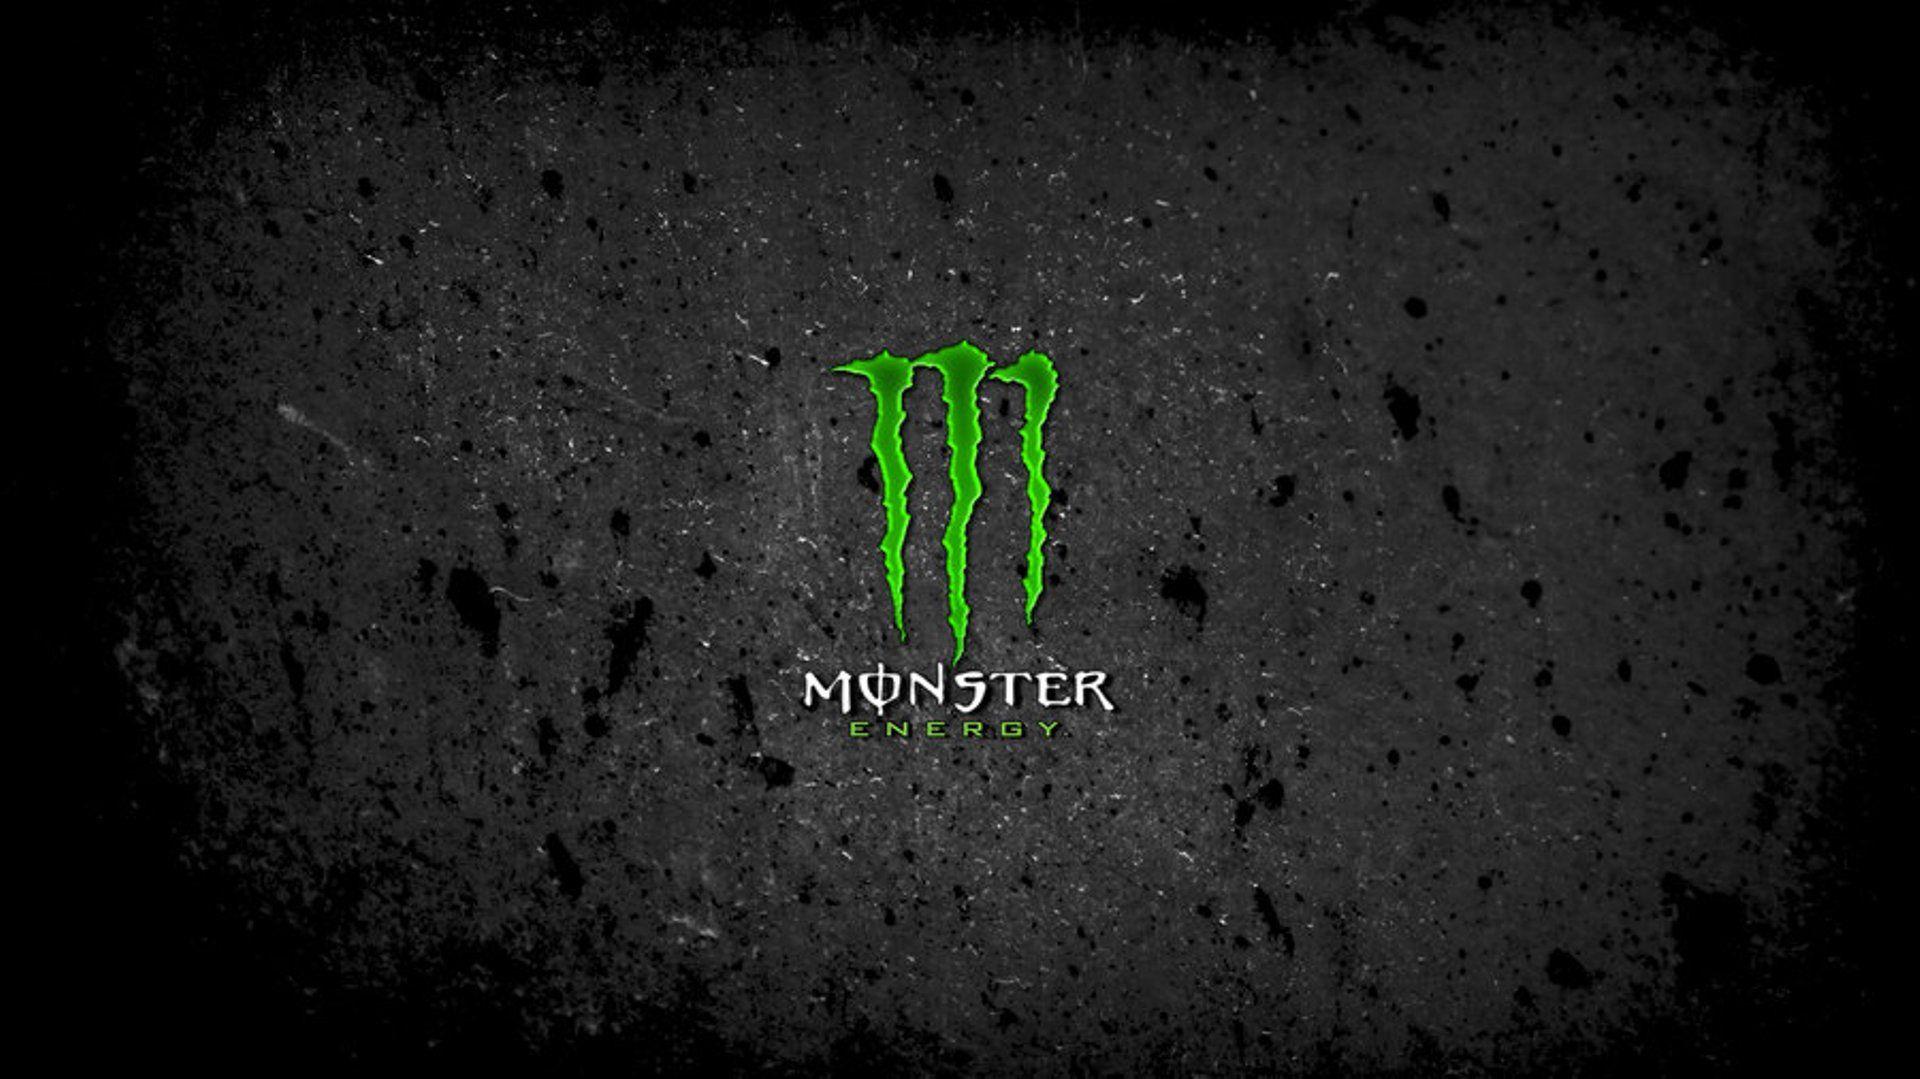 Monster Wallpaper Full Hd Monster Energy Monster Energy Drink Logo Monster